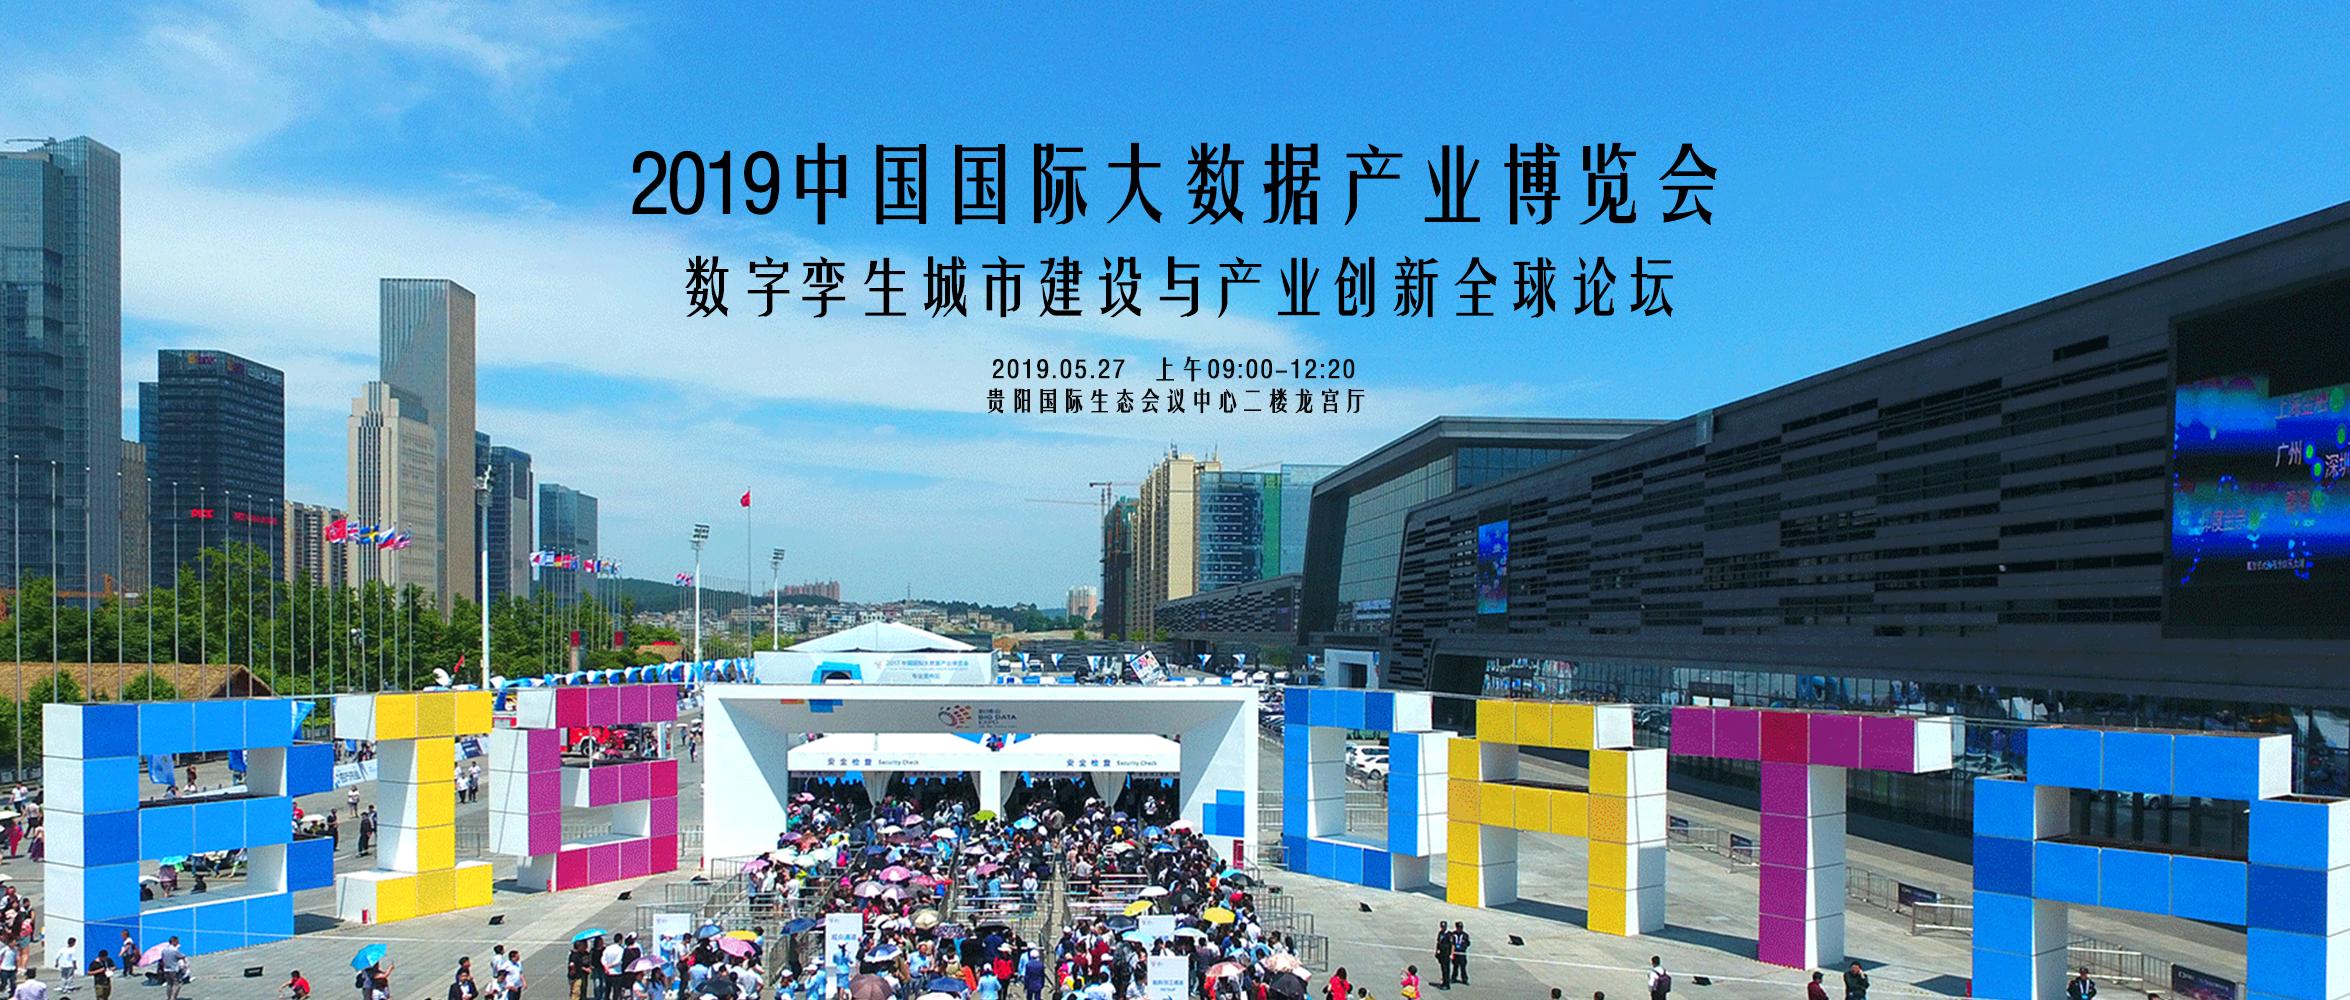 2019中國國際大數據產業博覽會——數字孿生城市建設與產業創新全球論壇將于2019年5月27日在貴陽召開